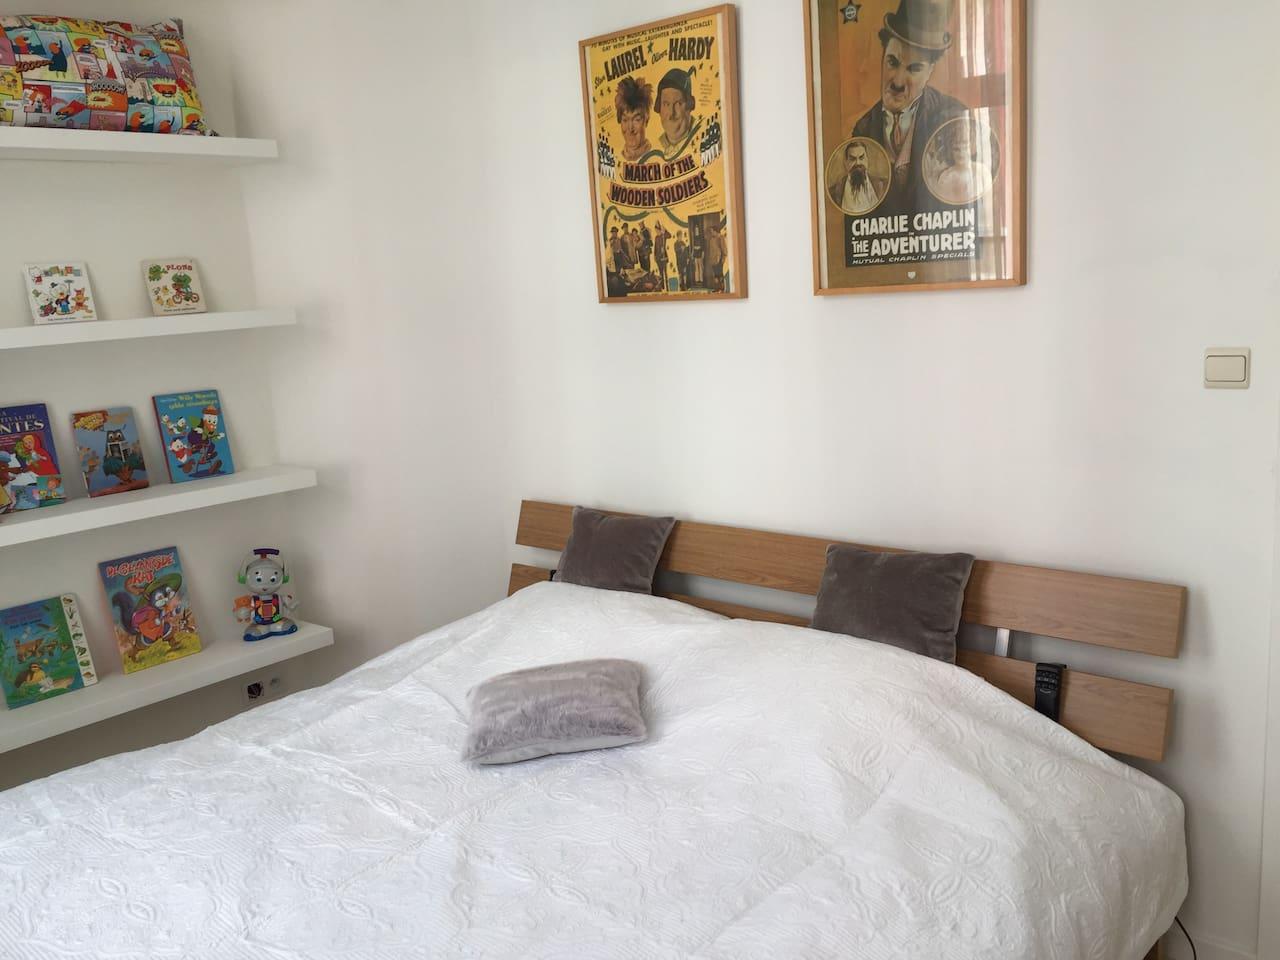 Gezellige slaapkamer met tweepersoonsbed (180x200 elektrisch verstelbare lattenbodem). Speelgoed en boekjes zijn aanwezig.